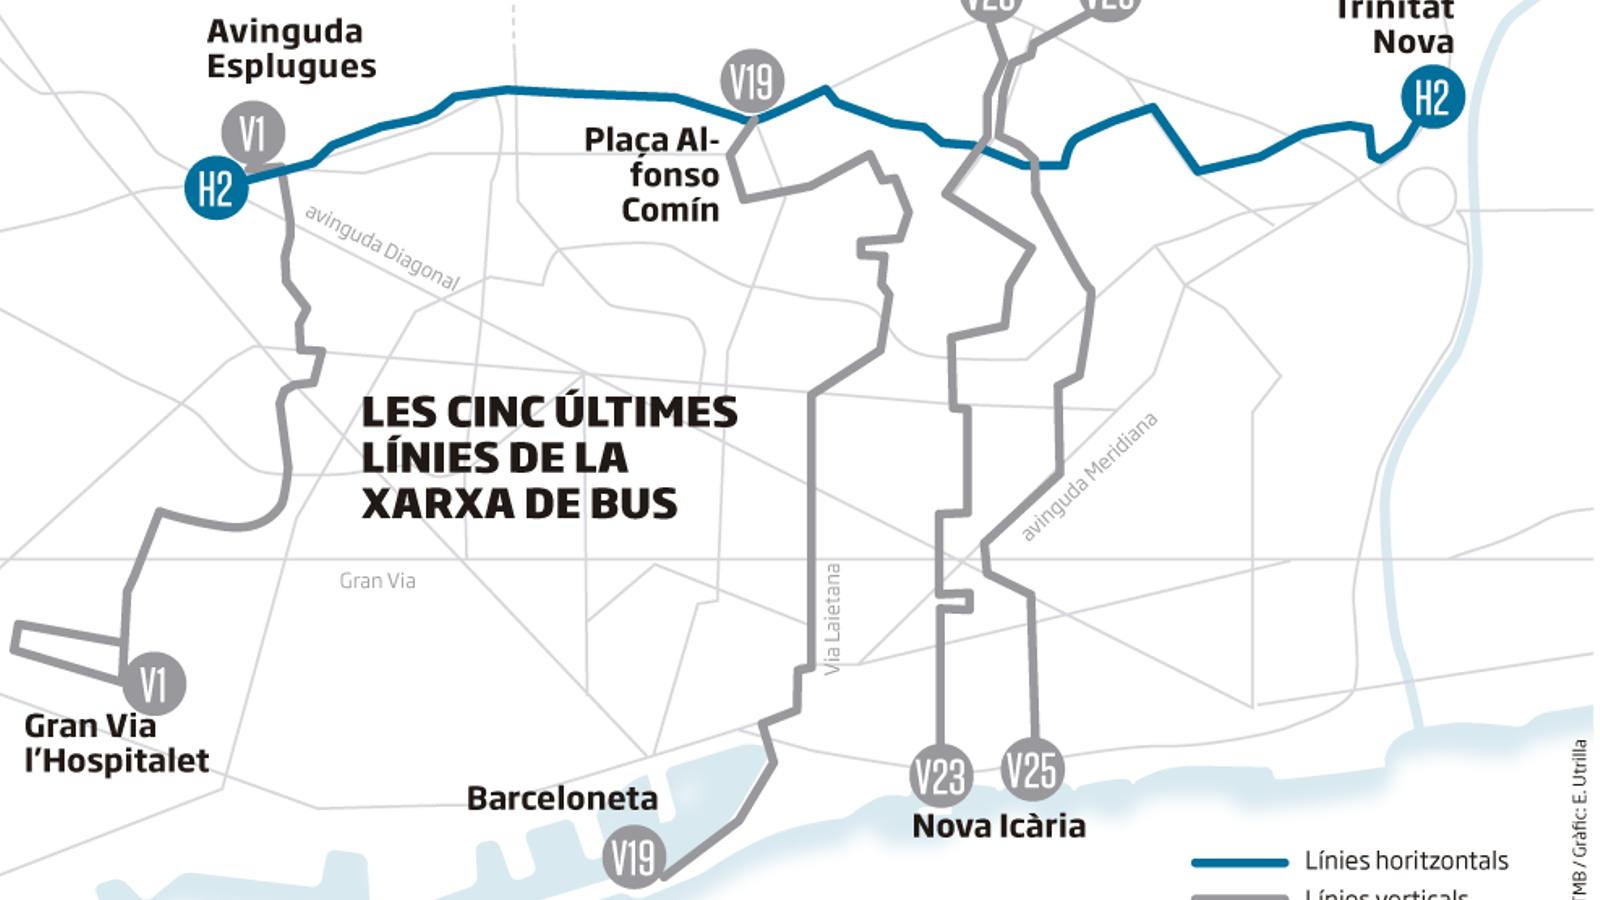 Barcelona culmina la seva xarxa de bus amb el repte pendent de la velocitat